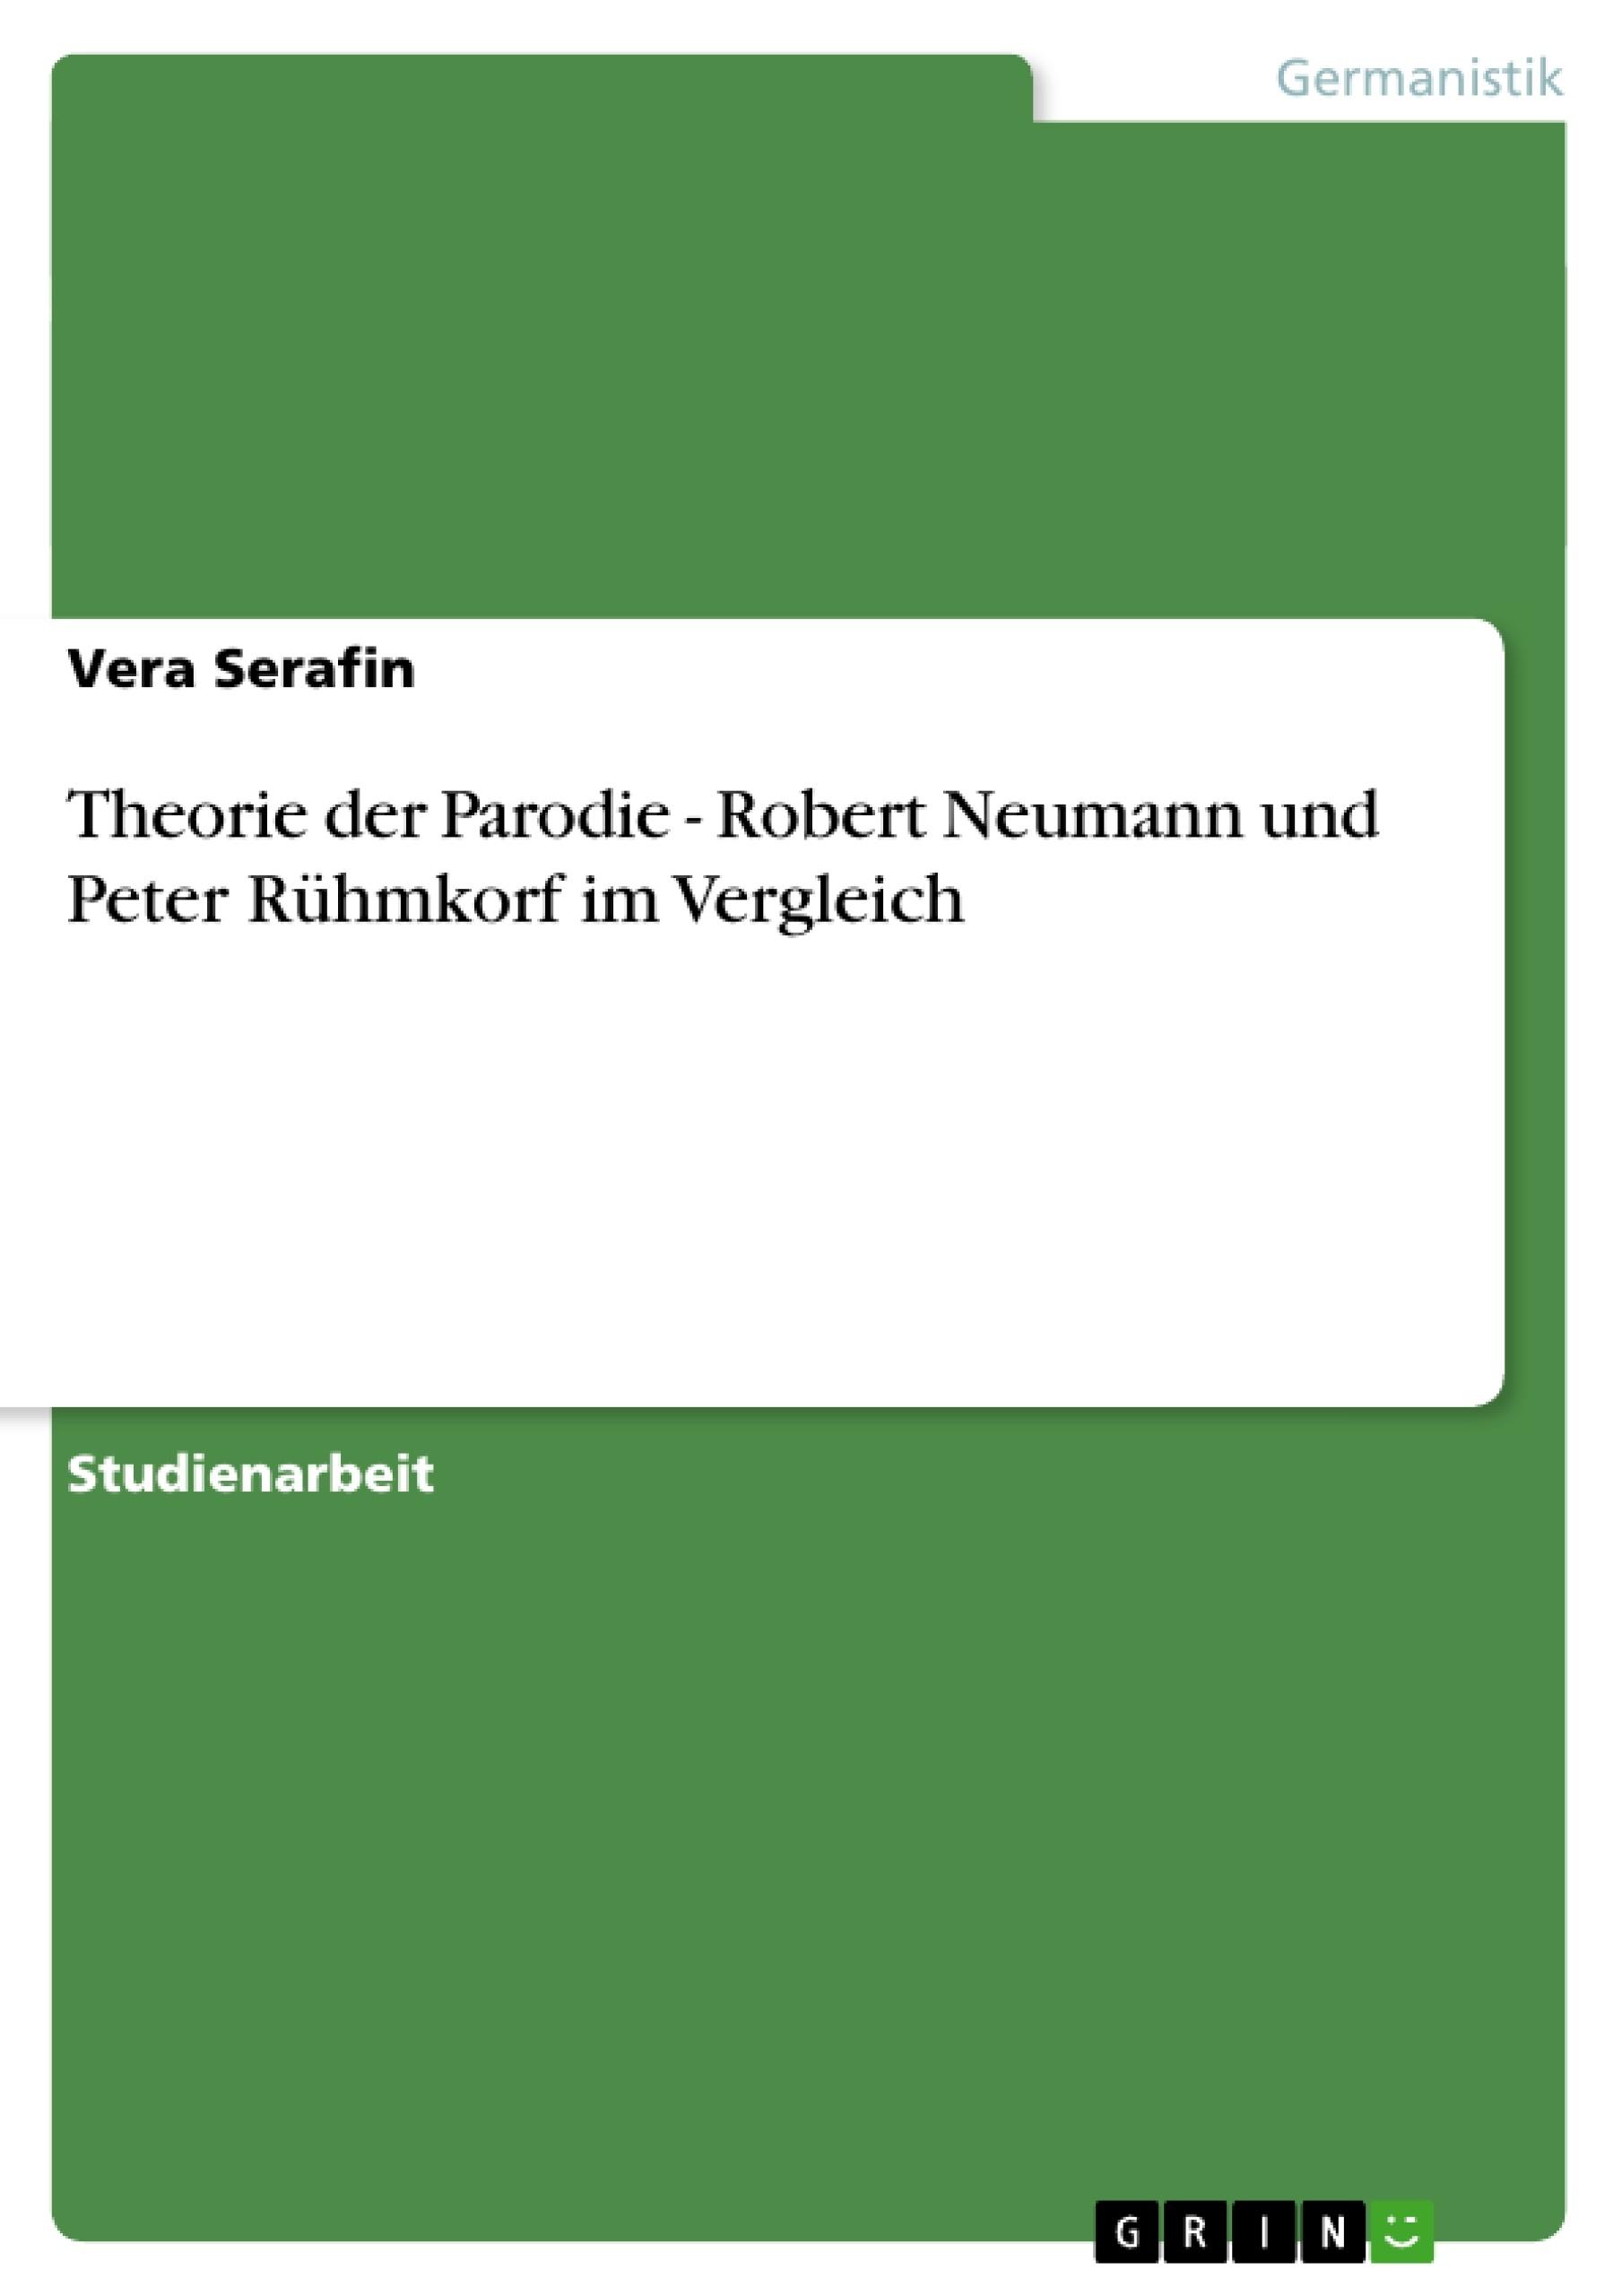 Titel: Theorie der Parodie - Robert Neumann und Peter Rühmkorf im Vergleich